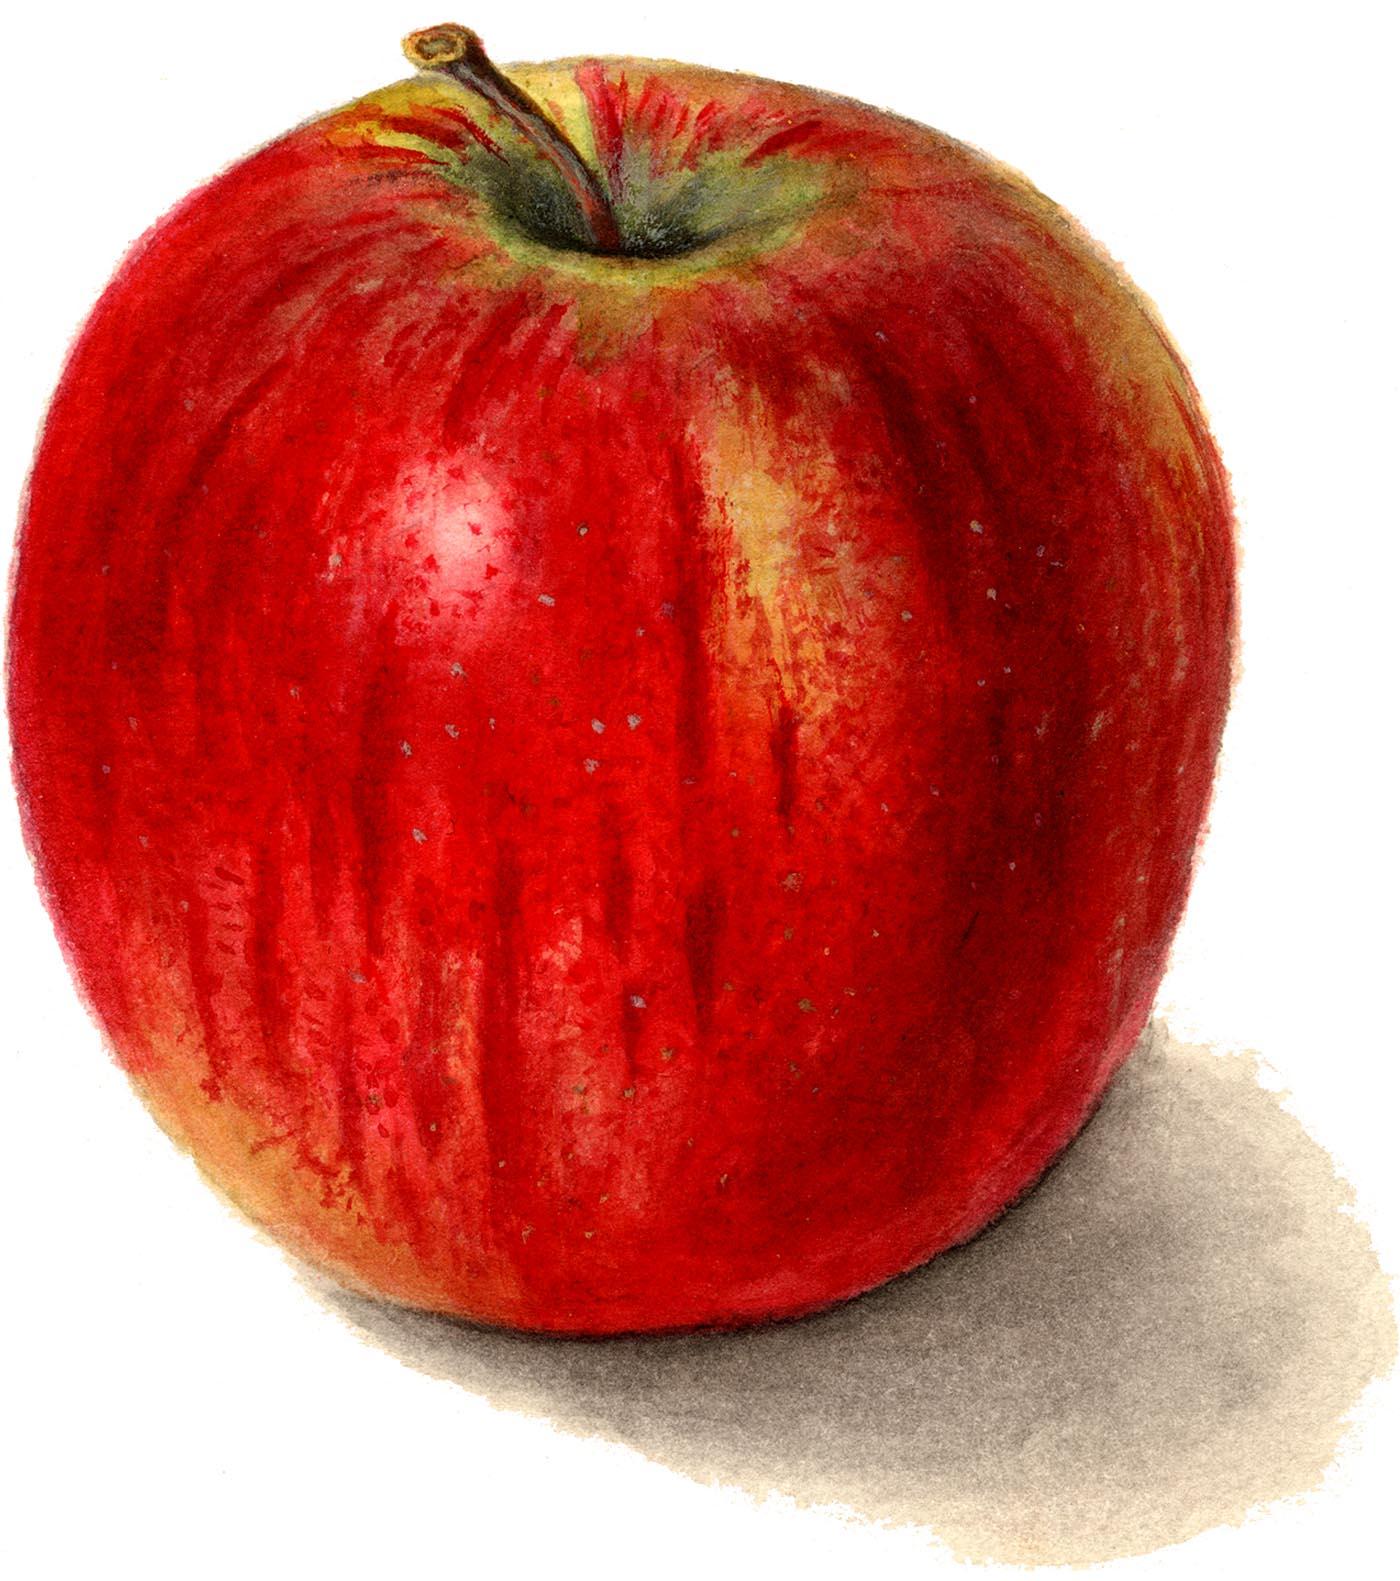 apple images clip. Apples clipart vintage